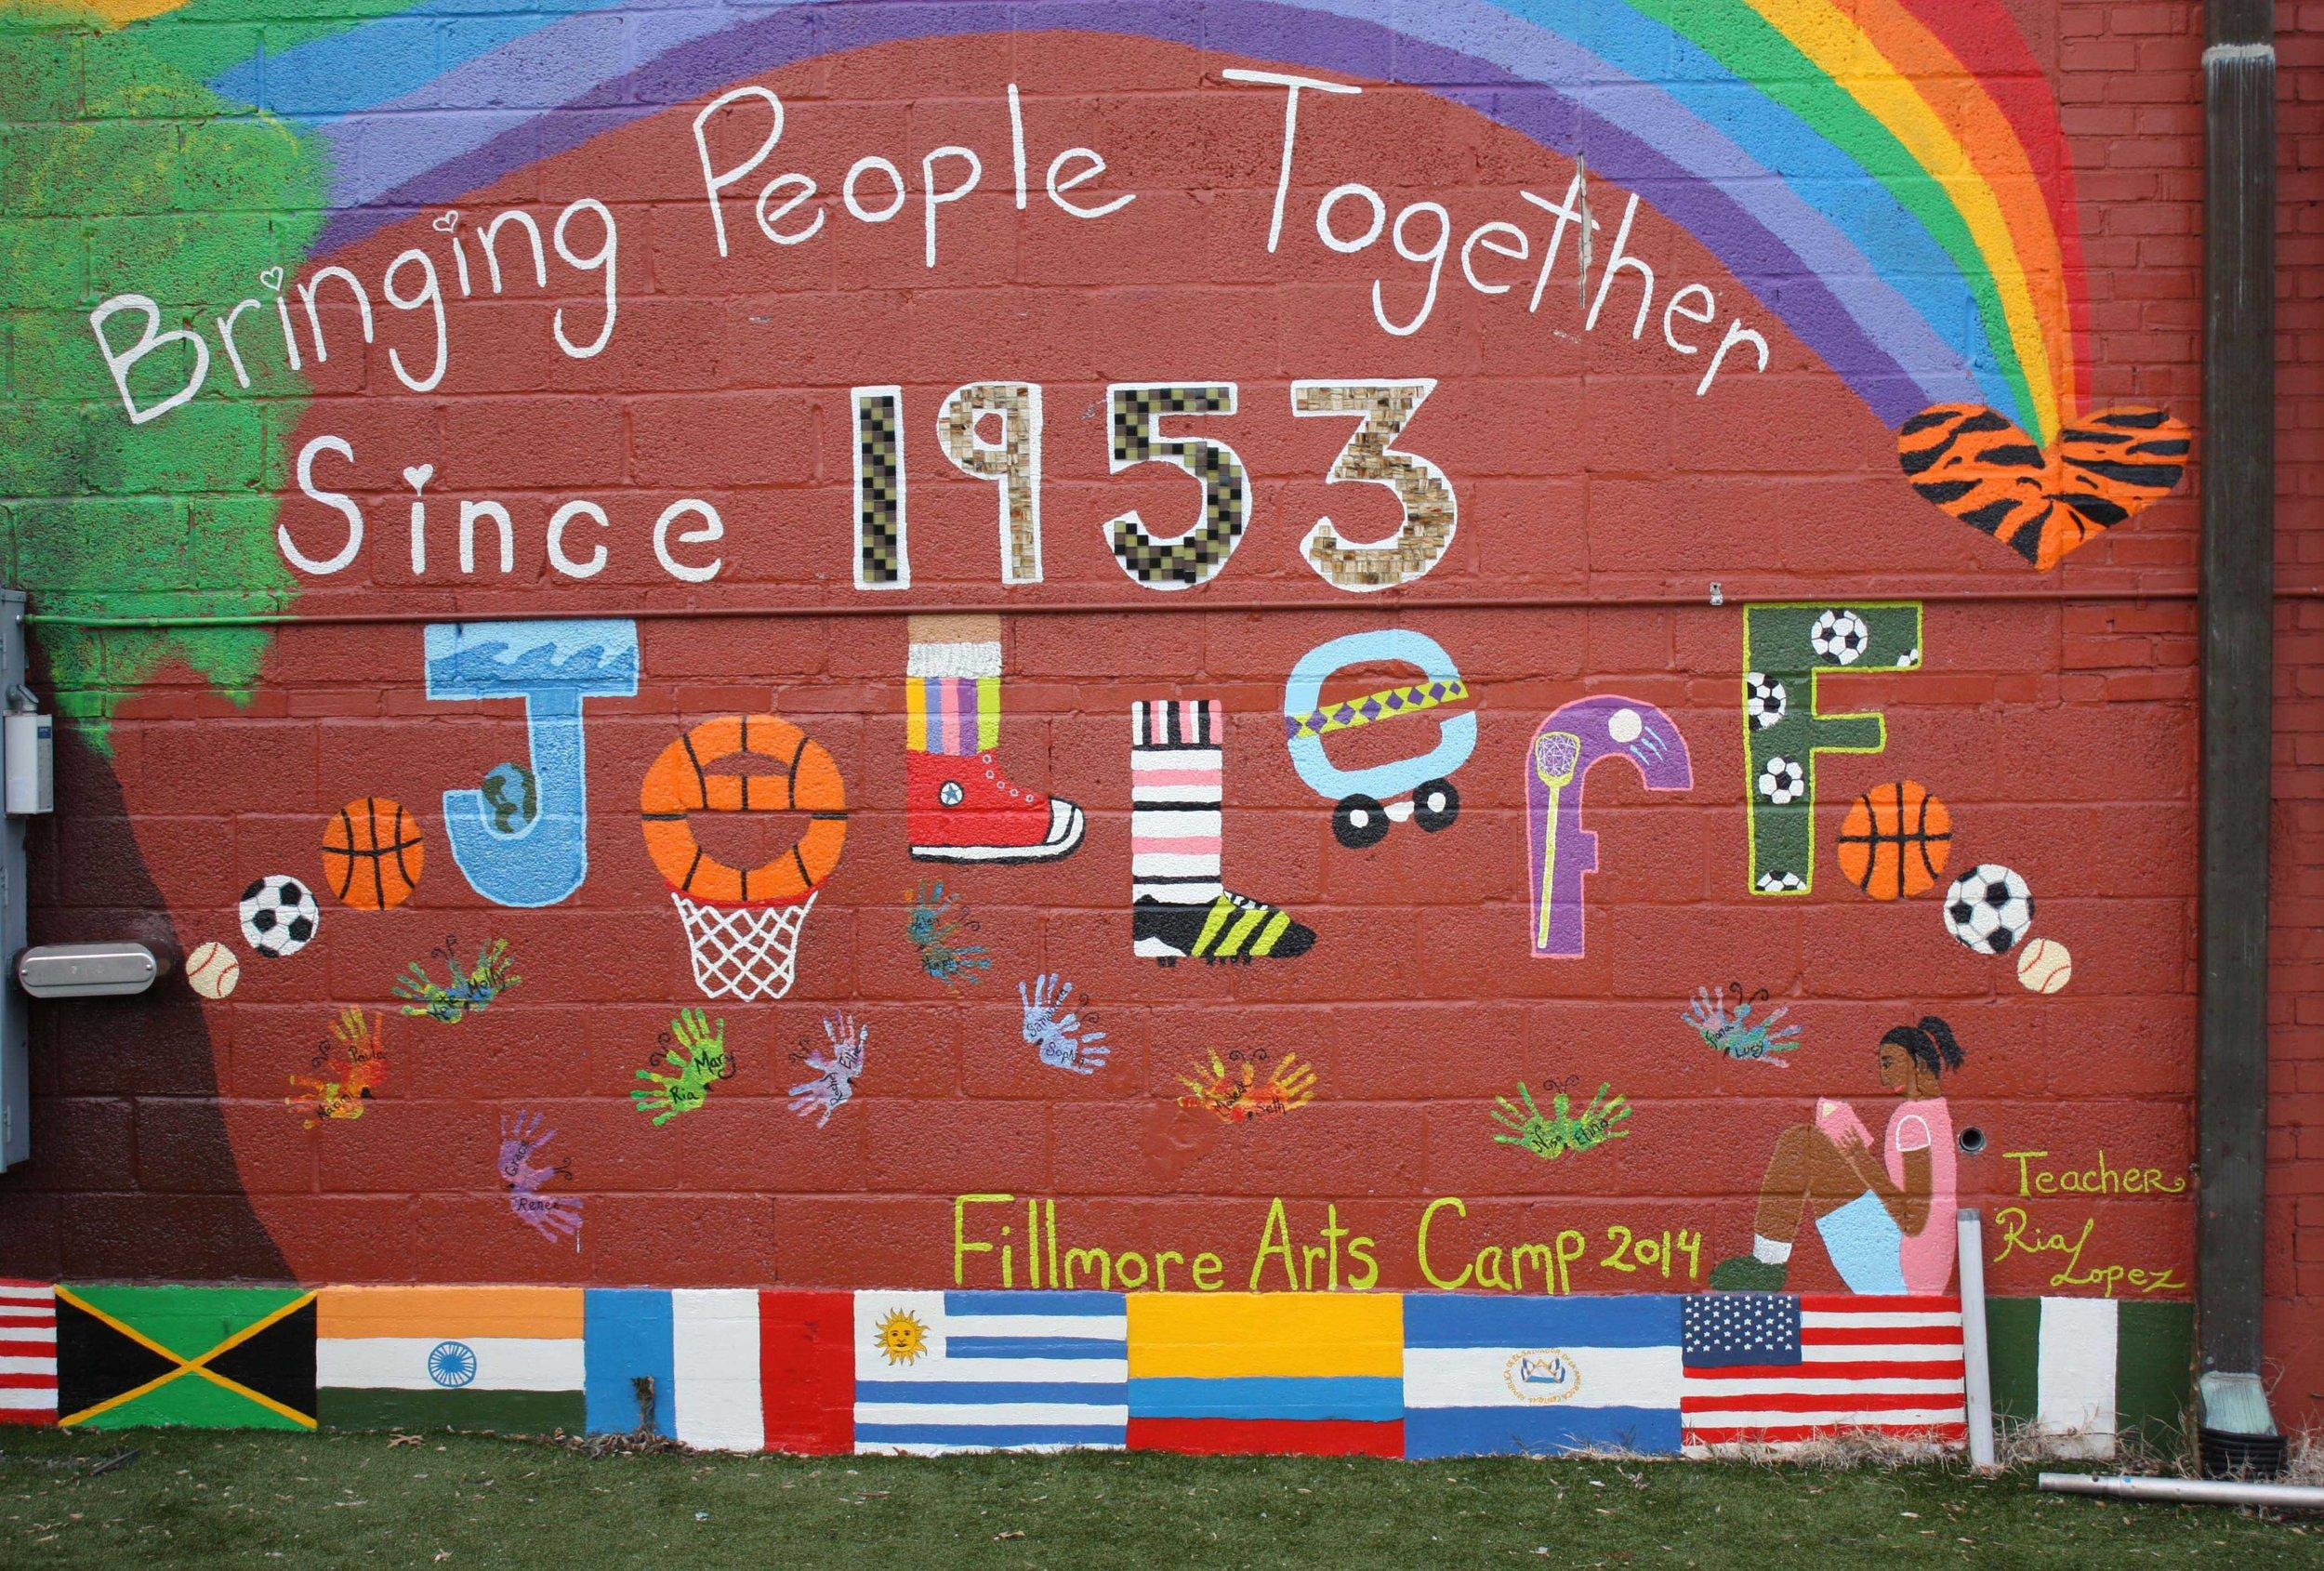 Jelleff mural. Photos by Kishan Putta.